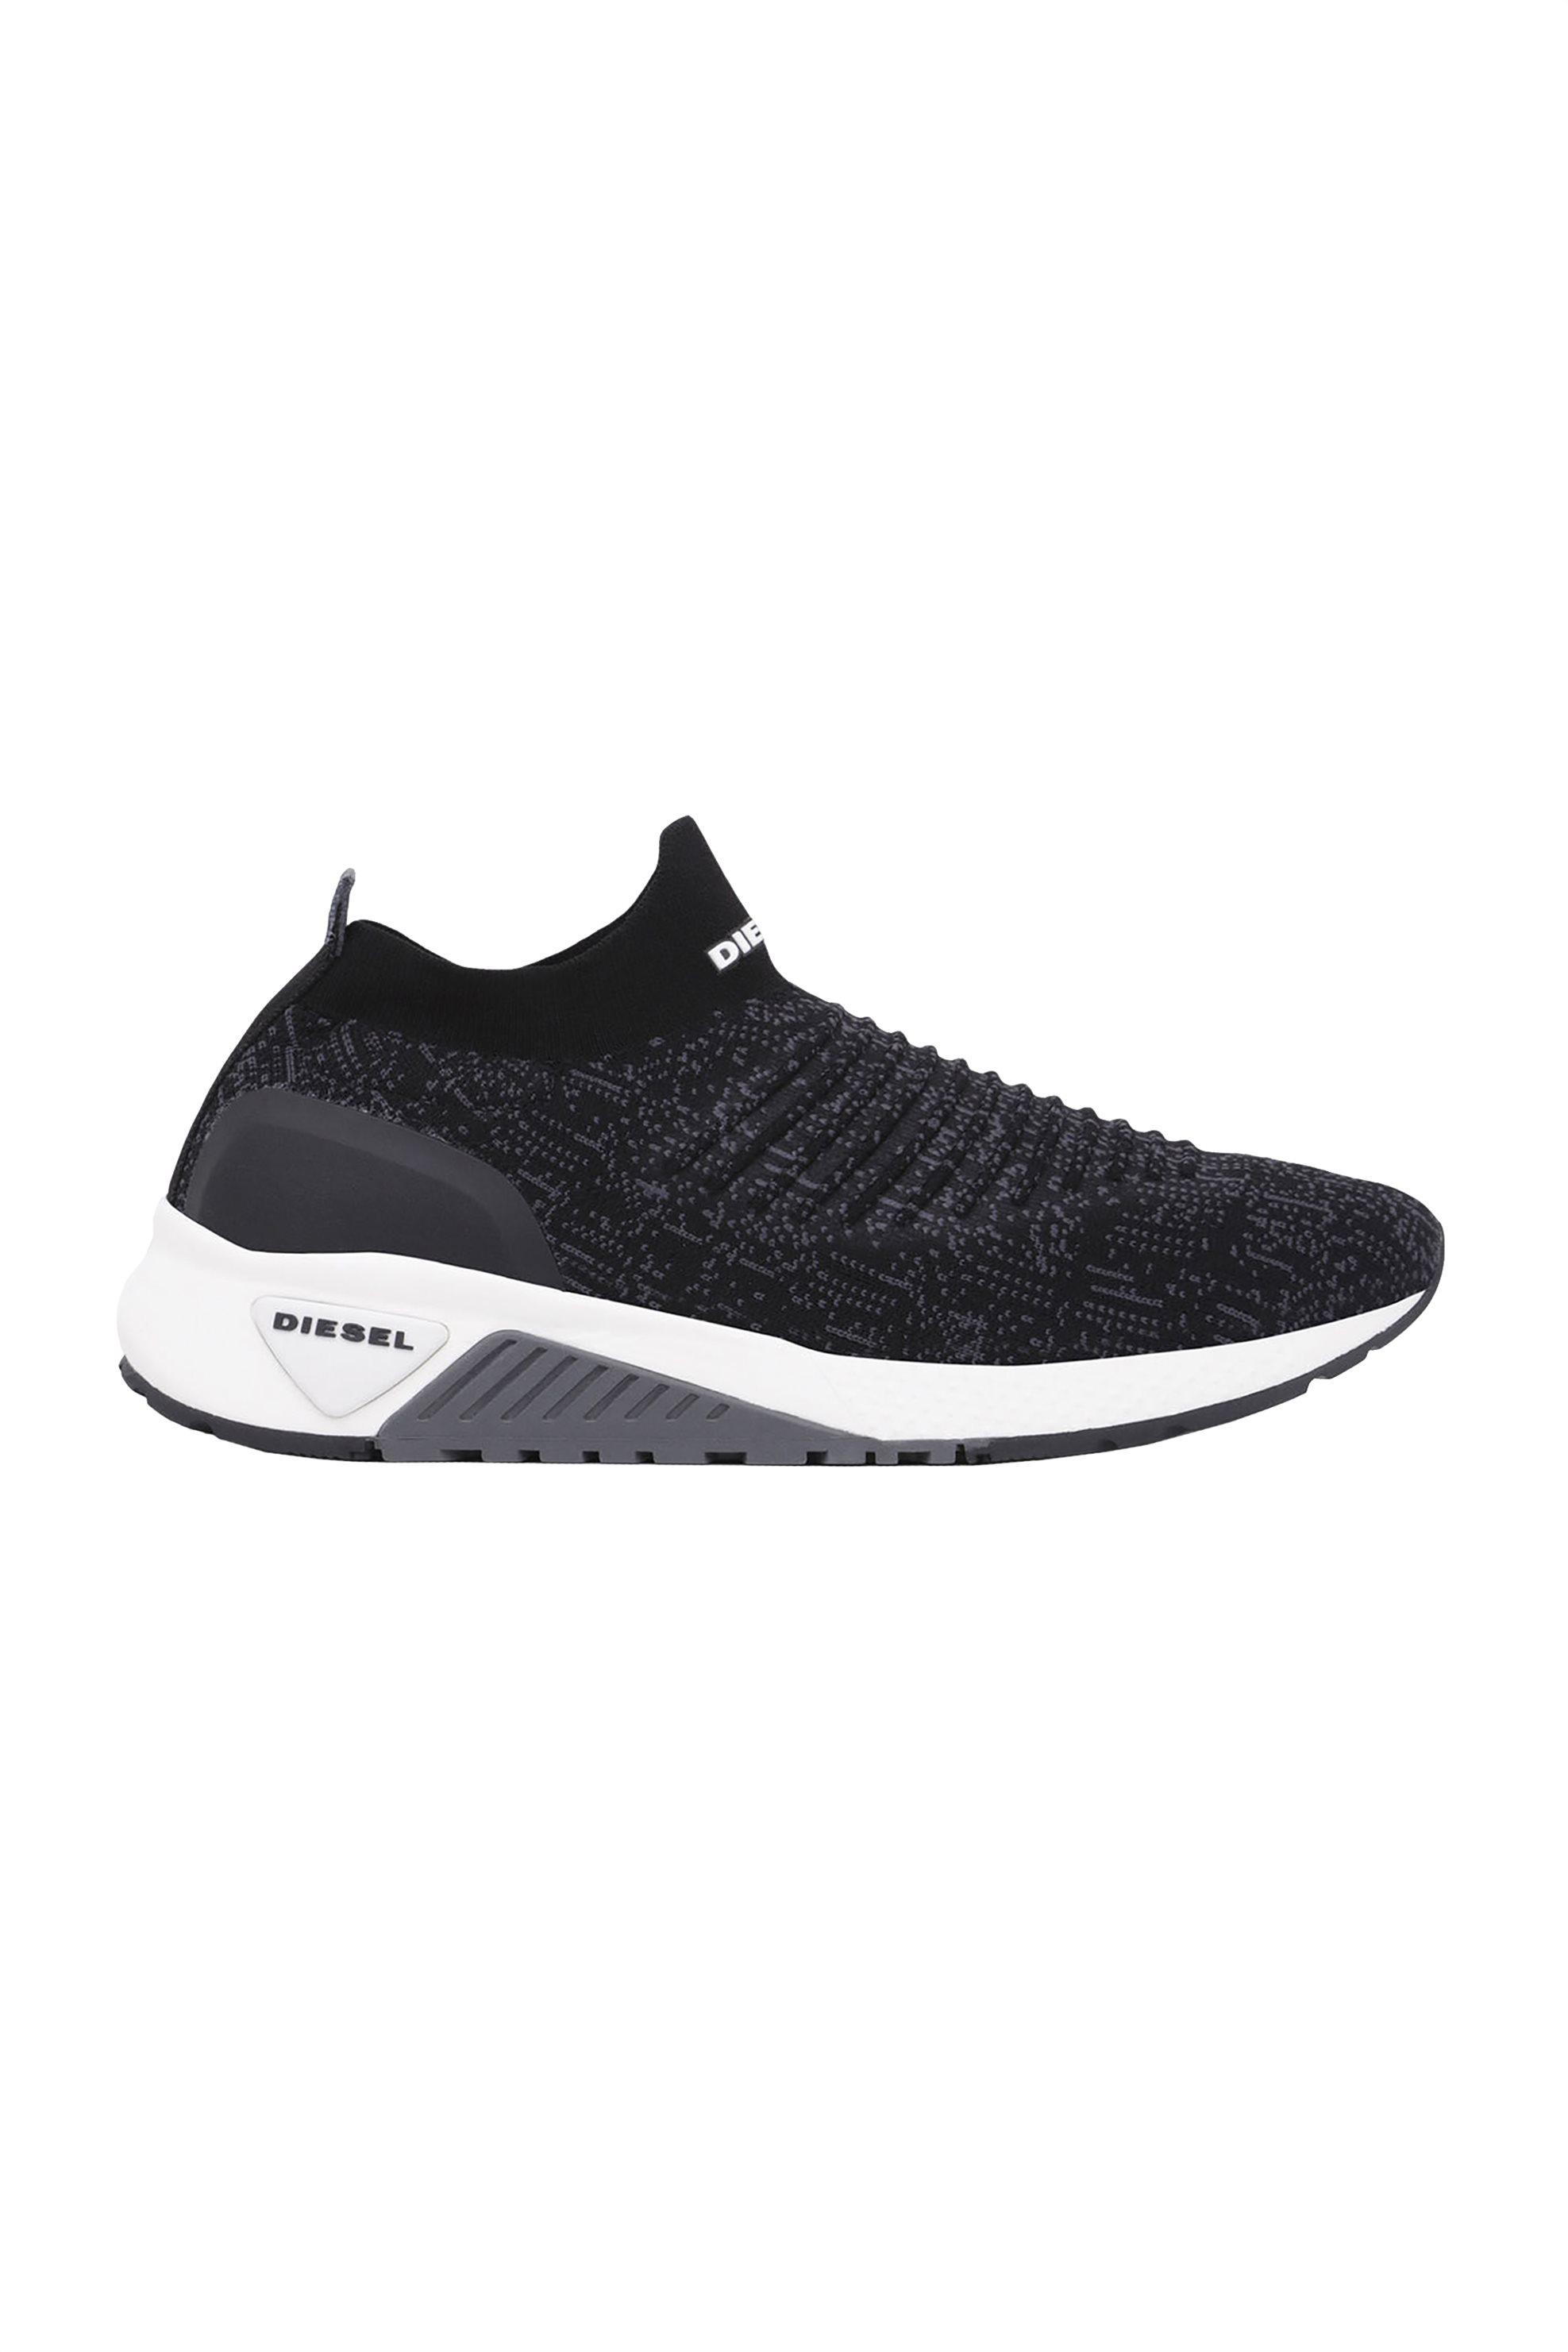 591439b1f3d Notos Diesel ανδρικά sneakers με κάλτσα Αthl Sock – Y01881 P0338 – Μαύρο